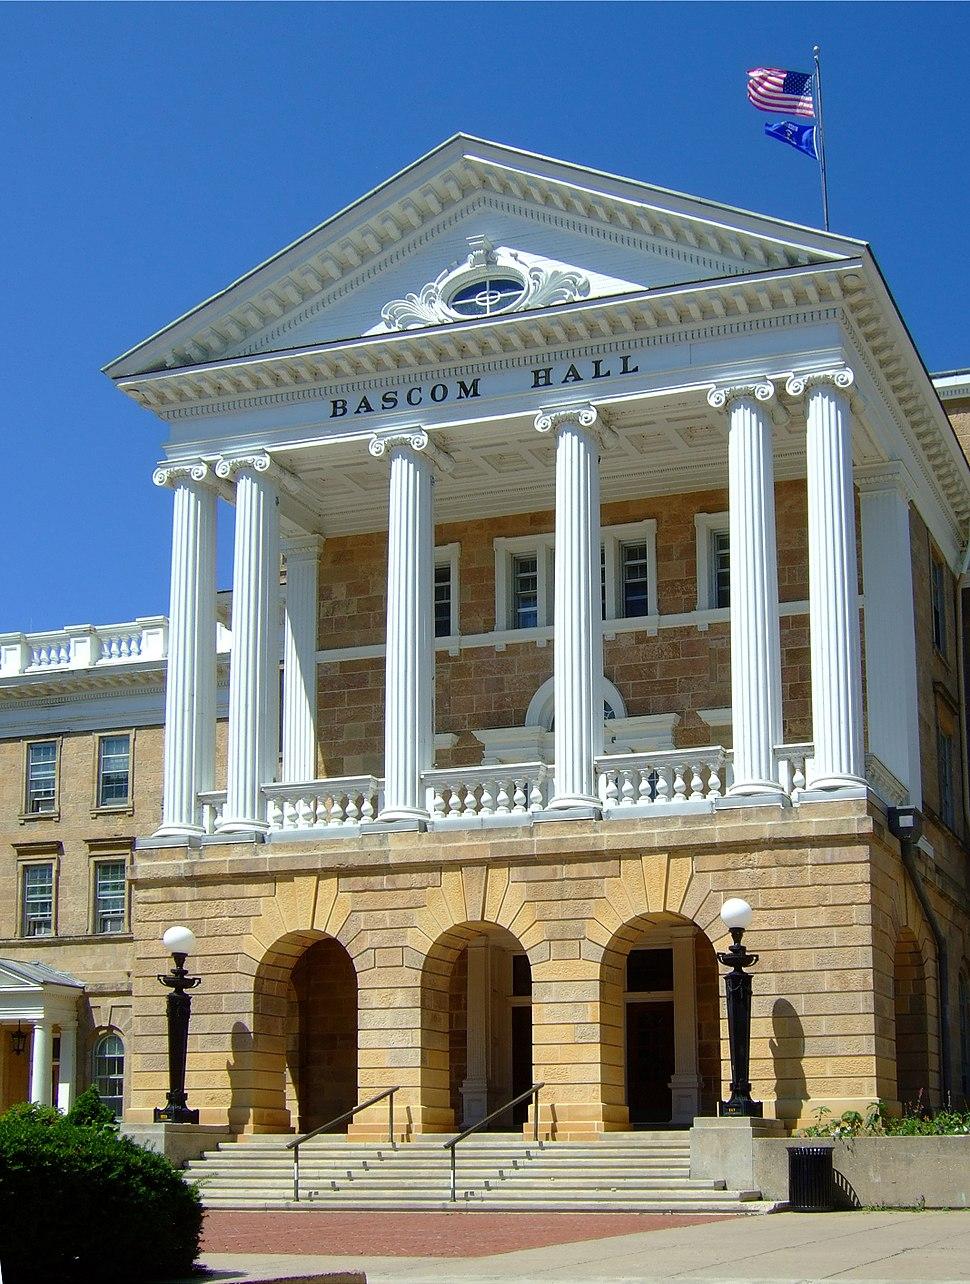 בסקום הול, המבנה המרכזי של אוניברסיטת ויסקונסין–מדיסון